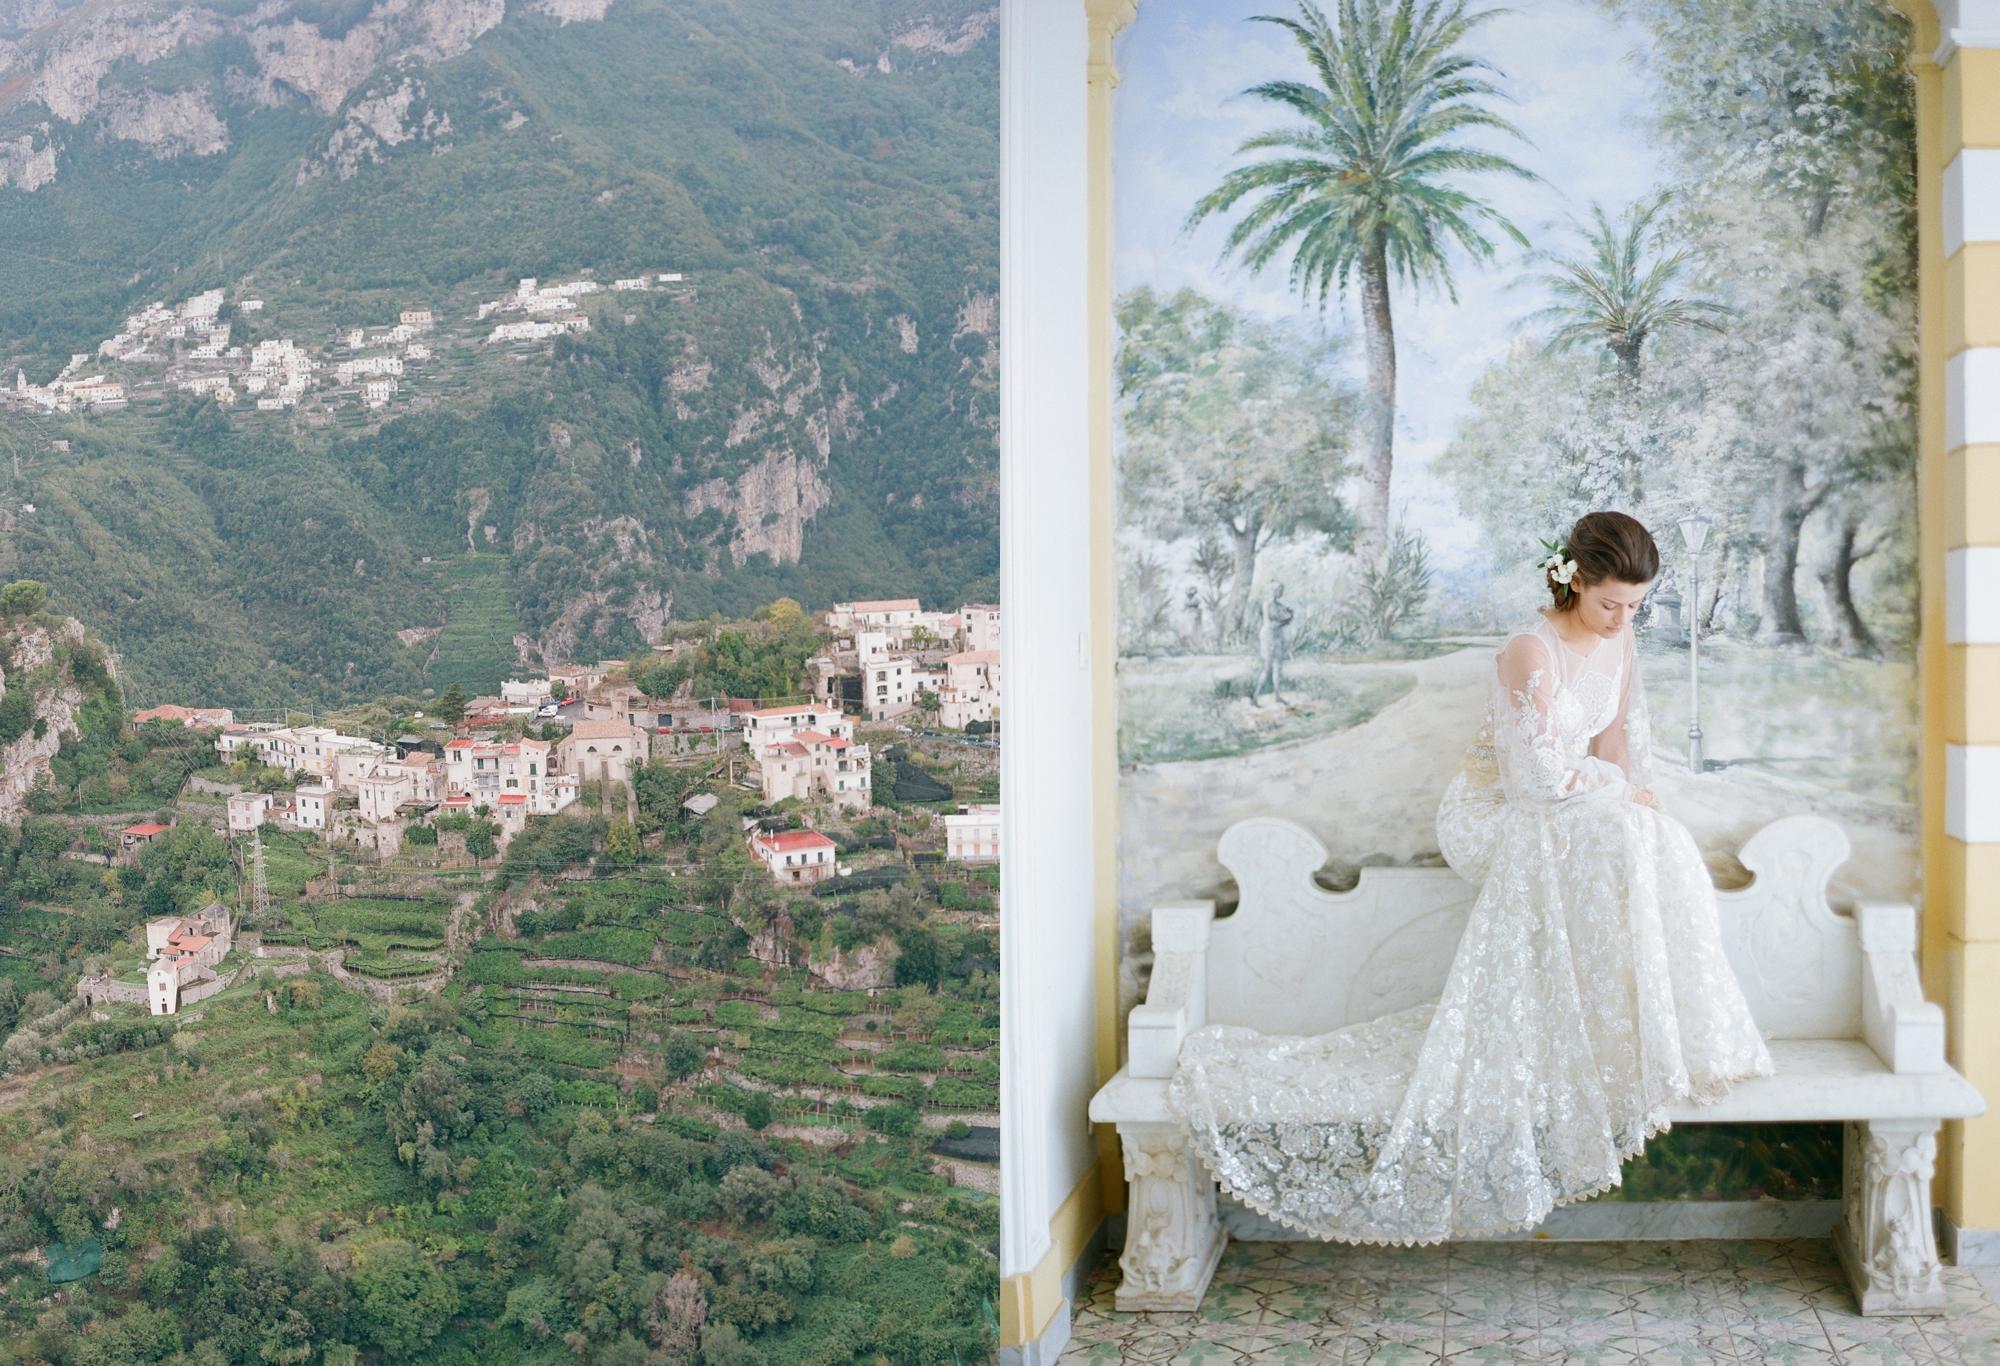 LVL-Weddings-and-Events-Villa-La-Terrazza-Sorrento-Italy-17 - LVL ...